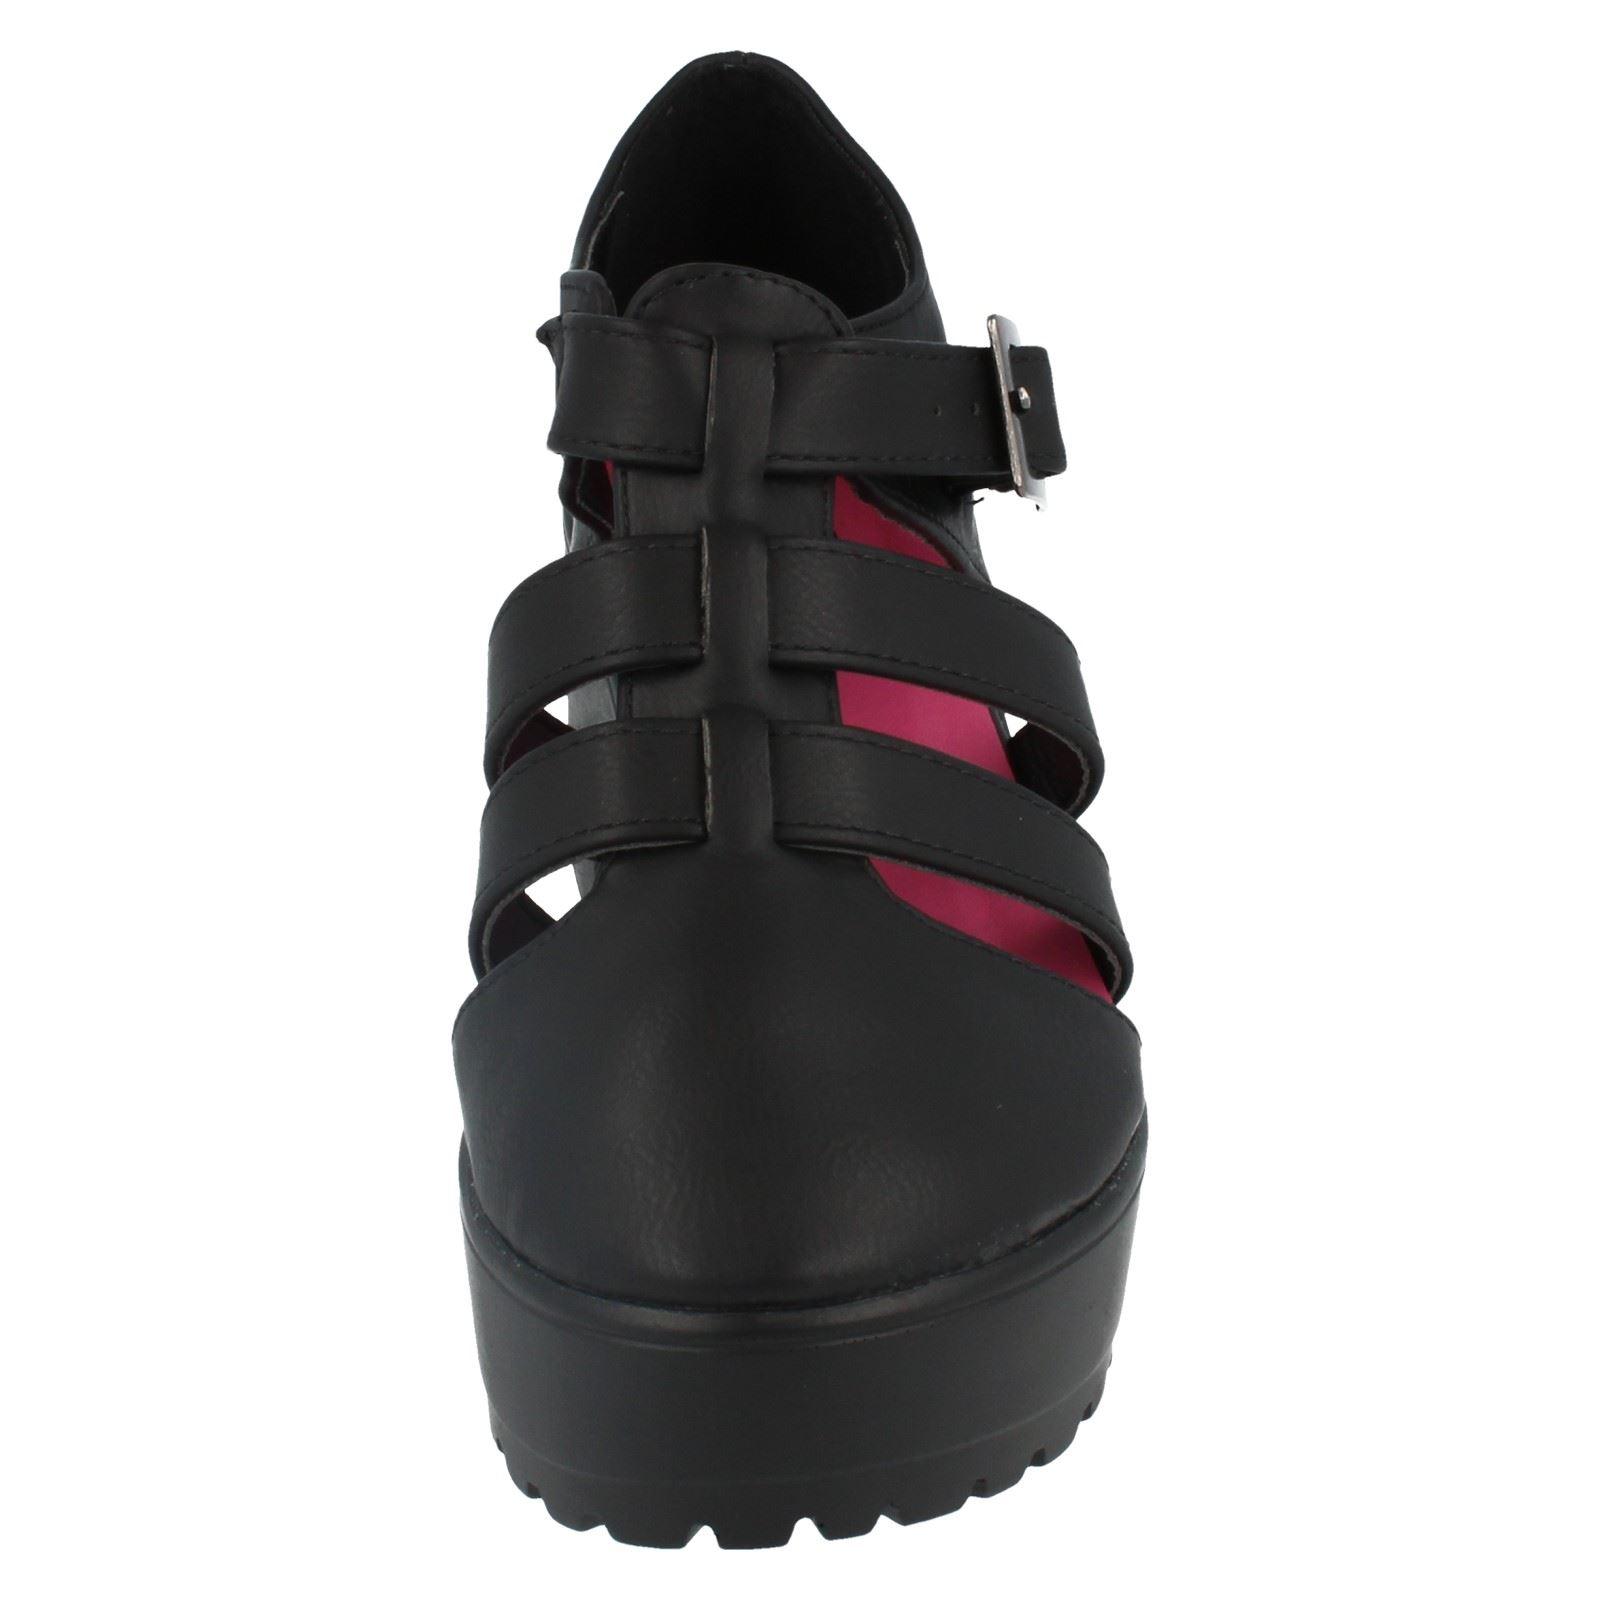 Girls Spot On Platform Shoes Label H3048 - D